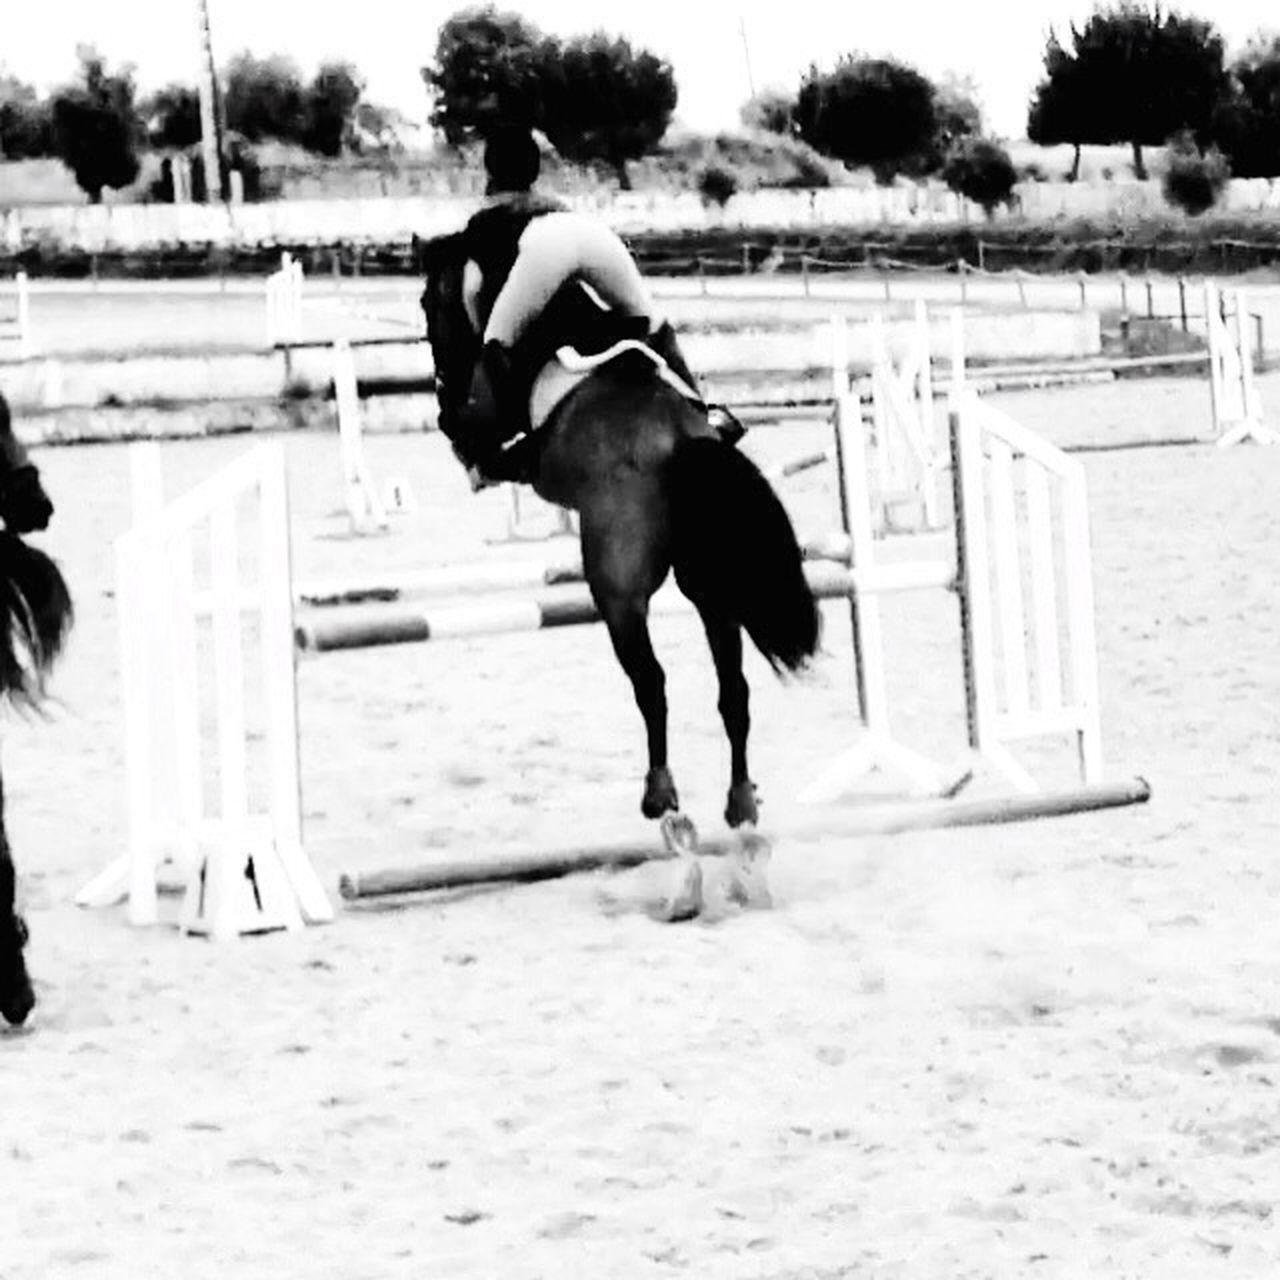 Letsjump  ArtisteDesLibaux Horseslife Horseslove That's Me Nature Letsgo ILoveThis Ilovehim 😍💕